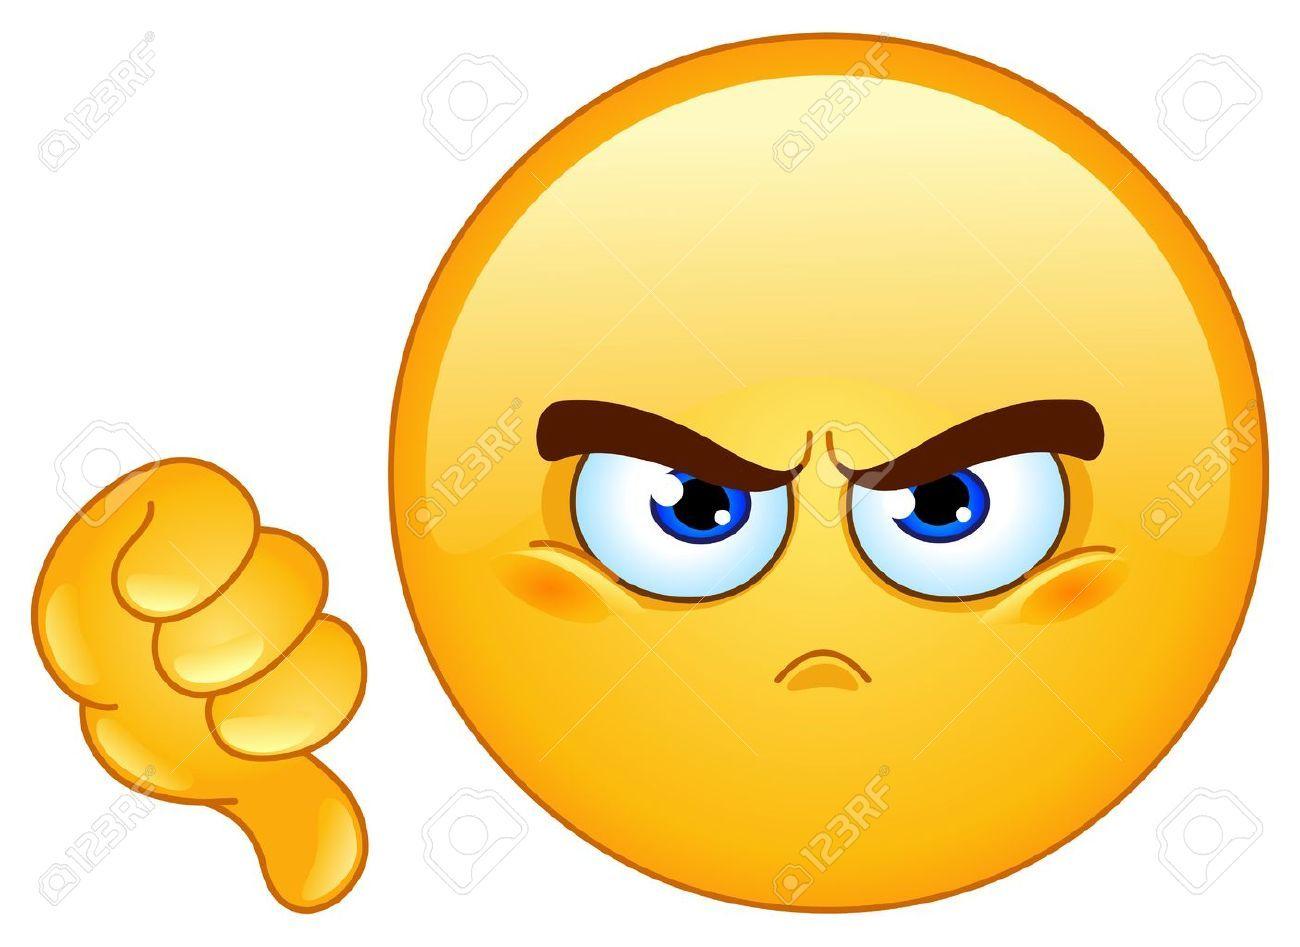 Afkeer Emoticon Emoji Grappige Citaten Humor Grappige Gezichten